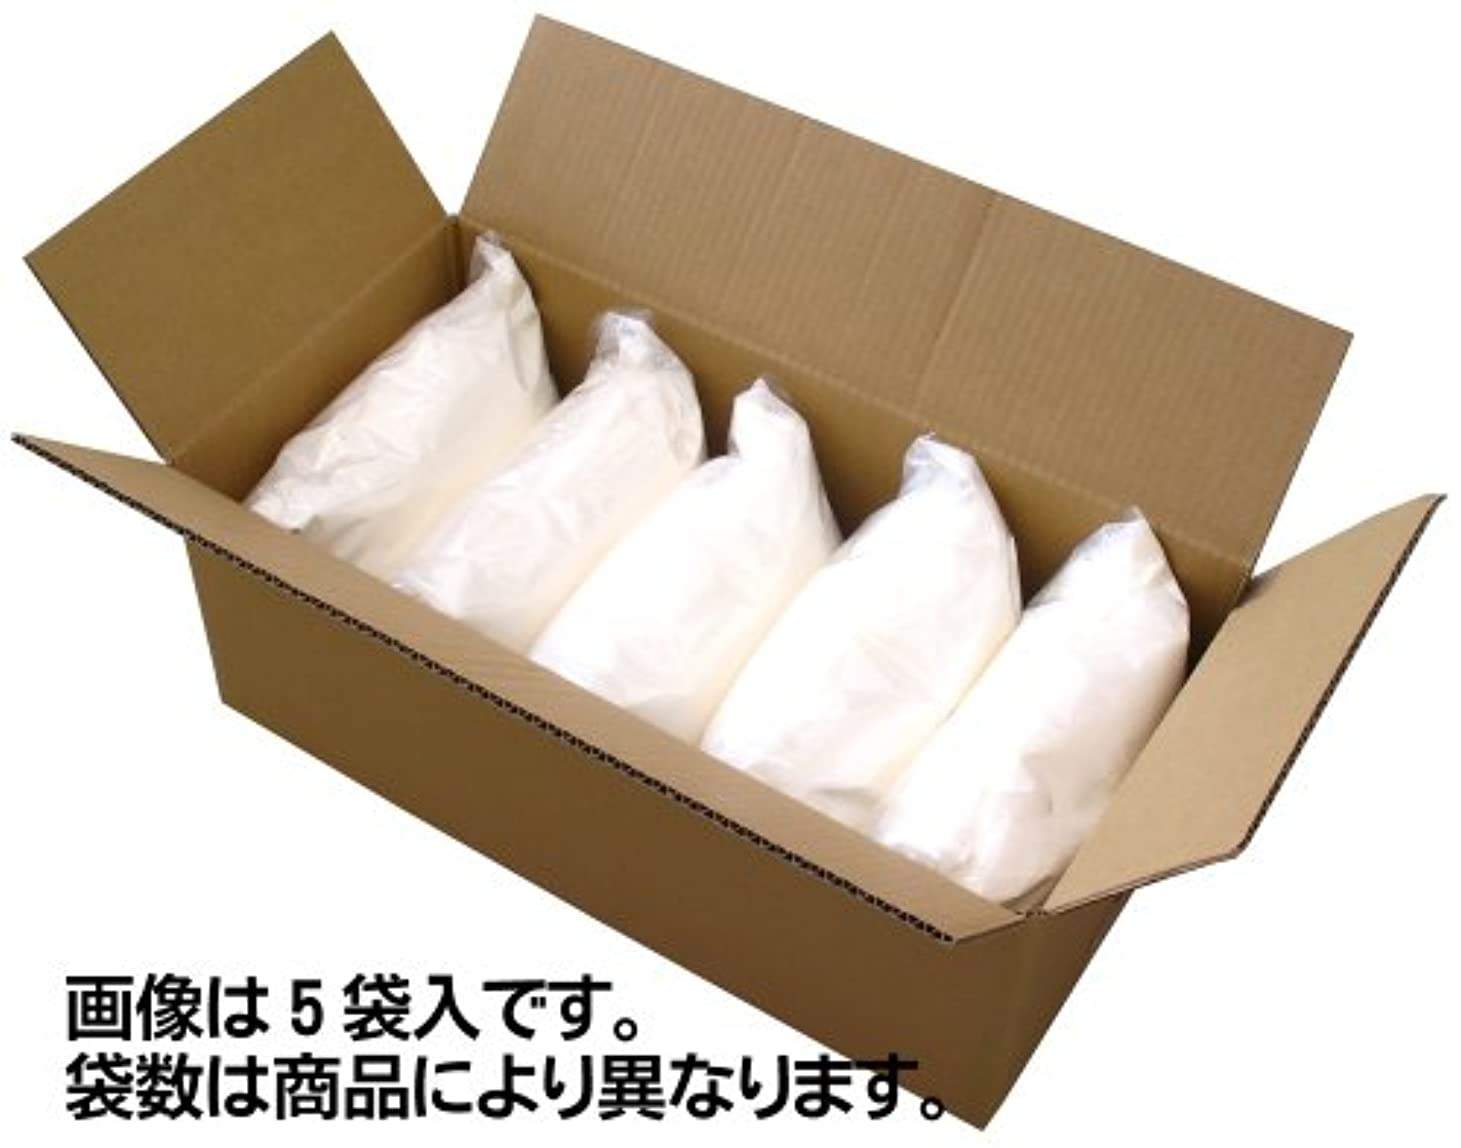 忘れるうるさい束ねる業務用 難消化性デキストリン4kg×3袋 水溶性食物繊維約85%